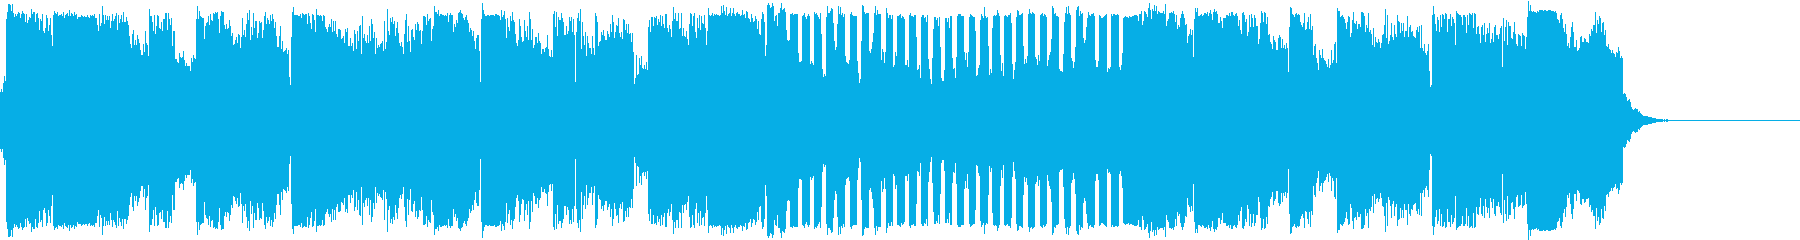 表彰式や栄光の軌跡プレイバック、その1の再生済みの波形